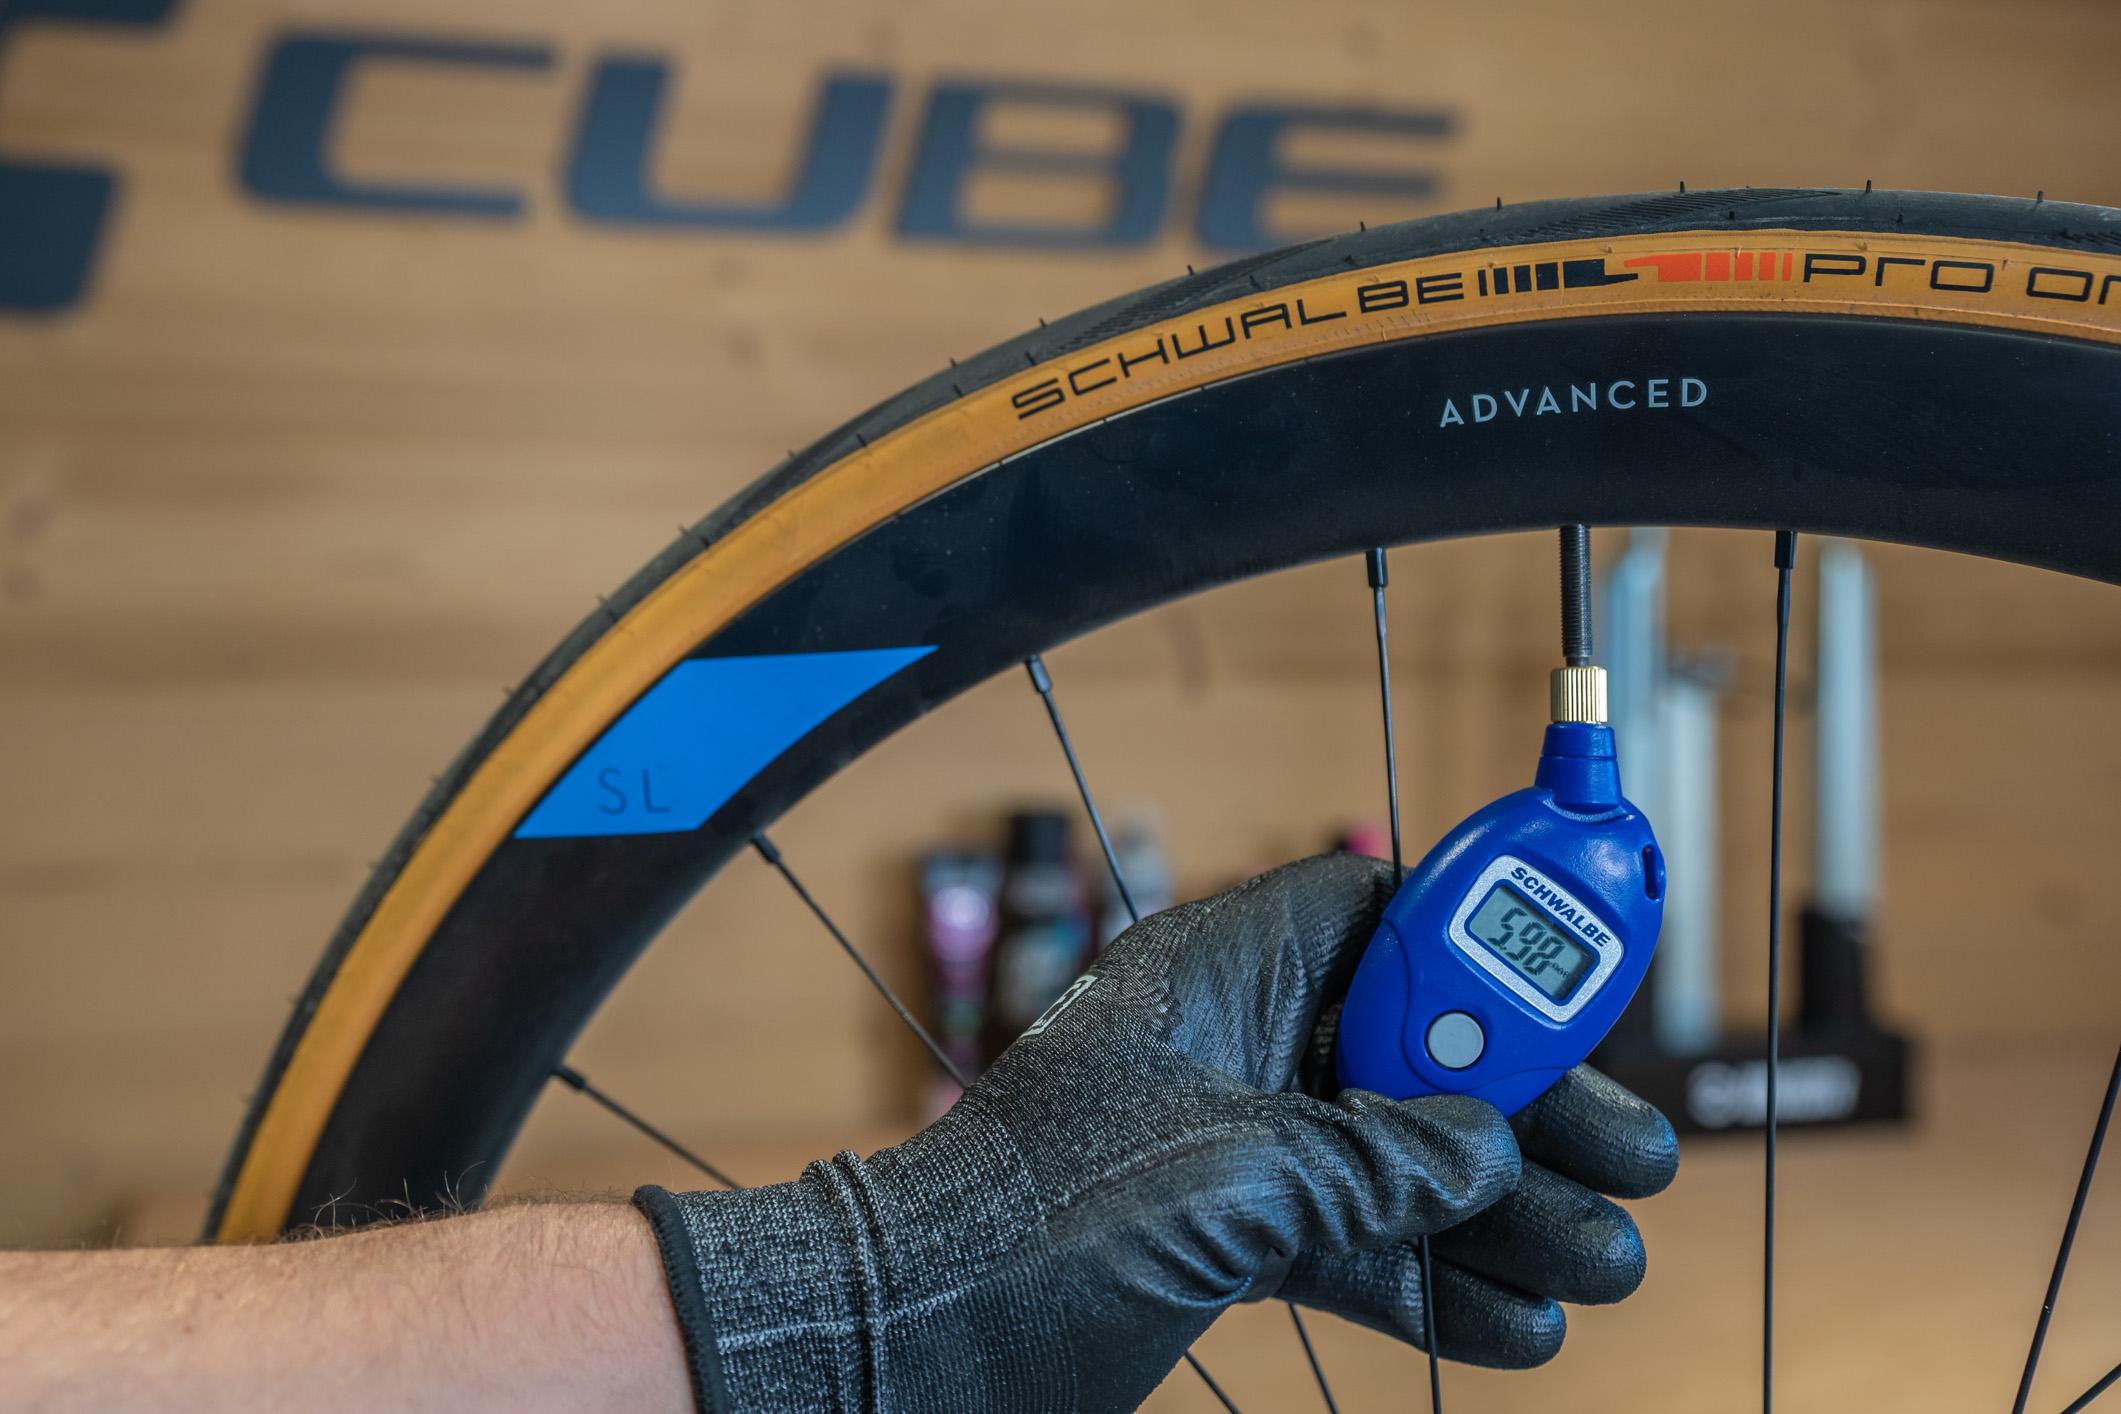 BIEN : Vérifier la pression du pneu. Pour le Schwalbe Pro TT, celle-ci doit être comprise entre 5,00 et 7,50 Bar.